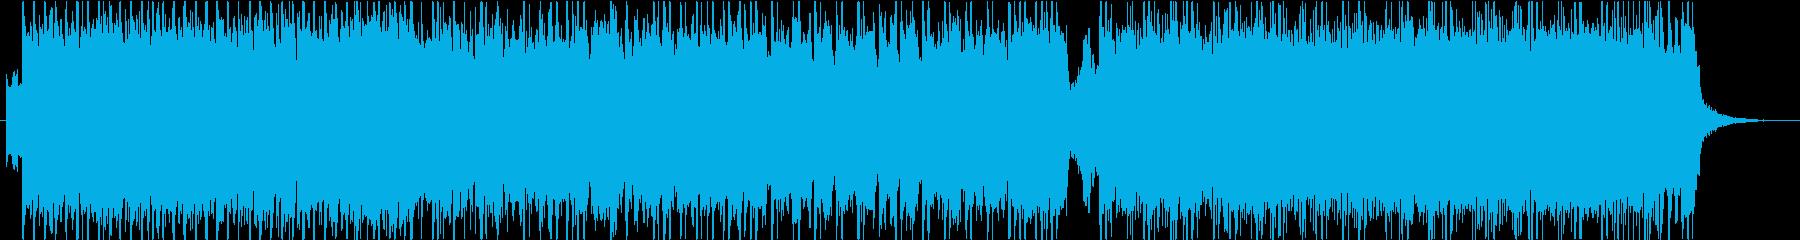 ポップロックサウンドの再生済みの波形